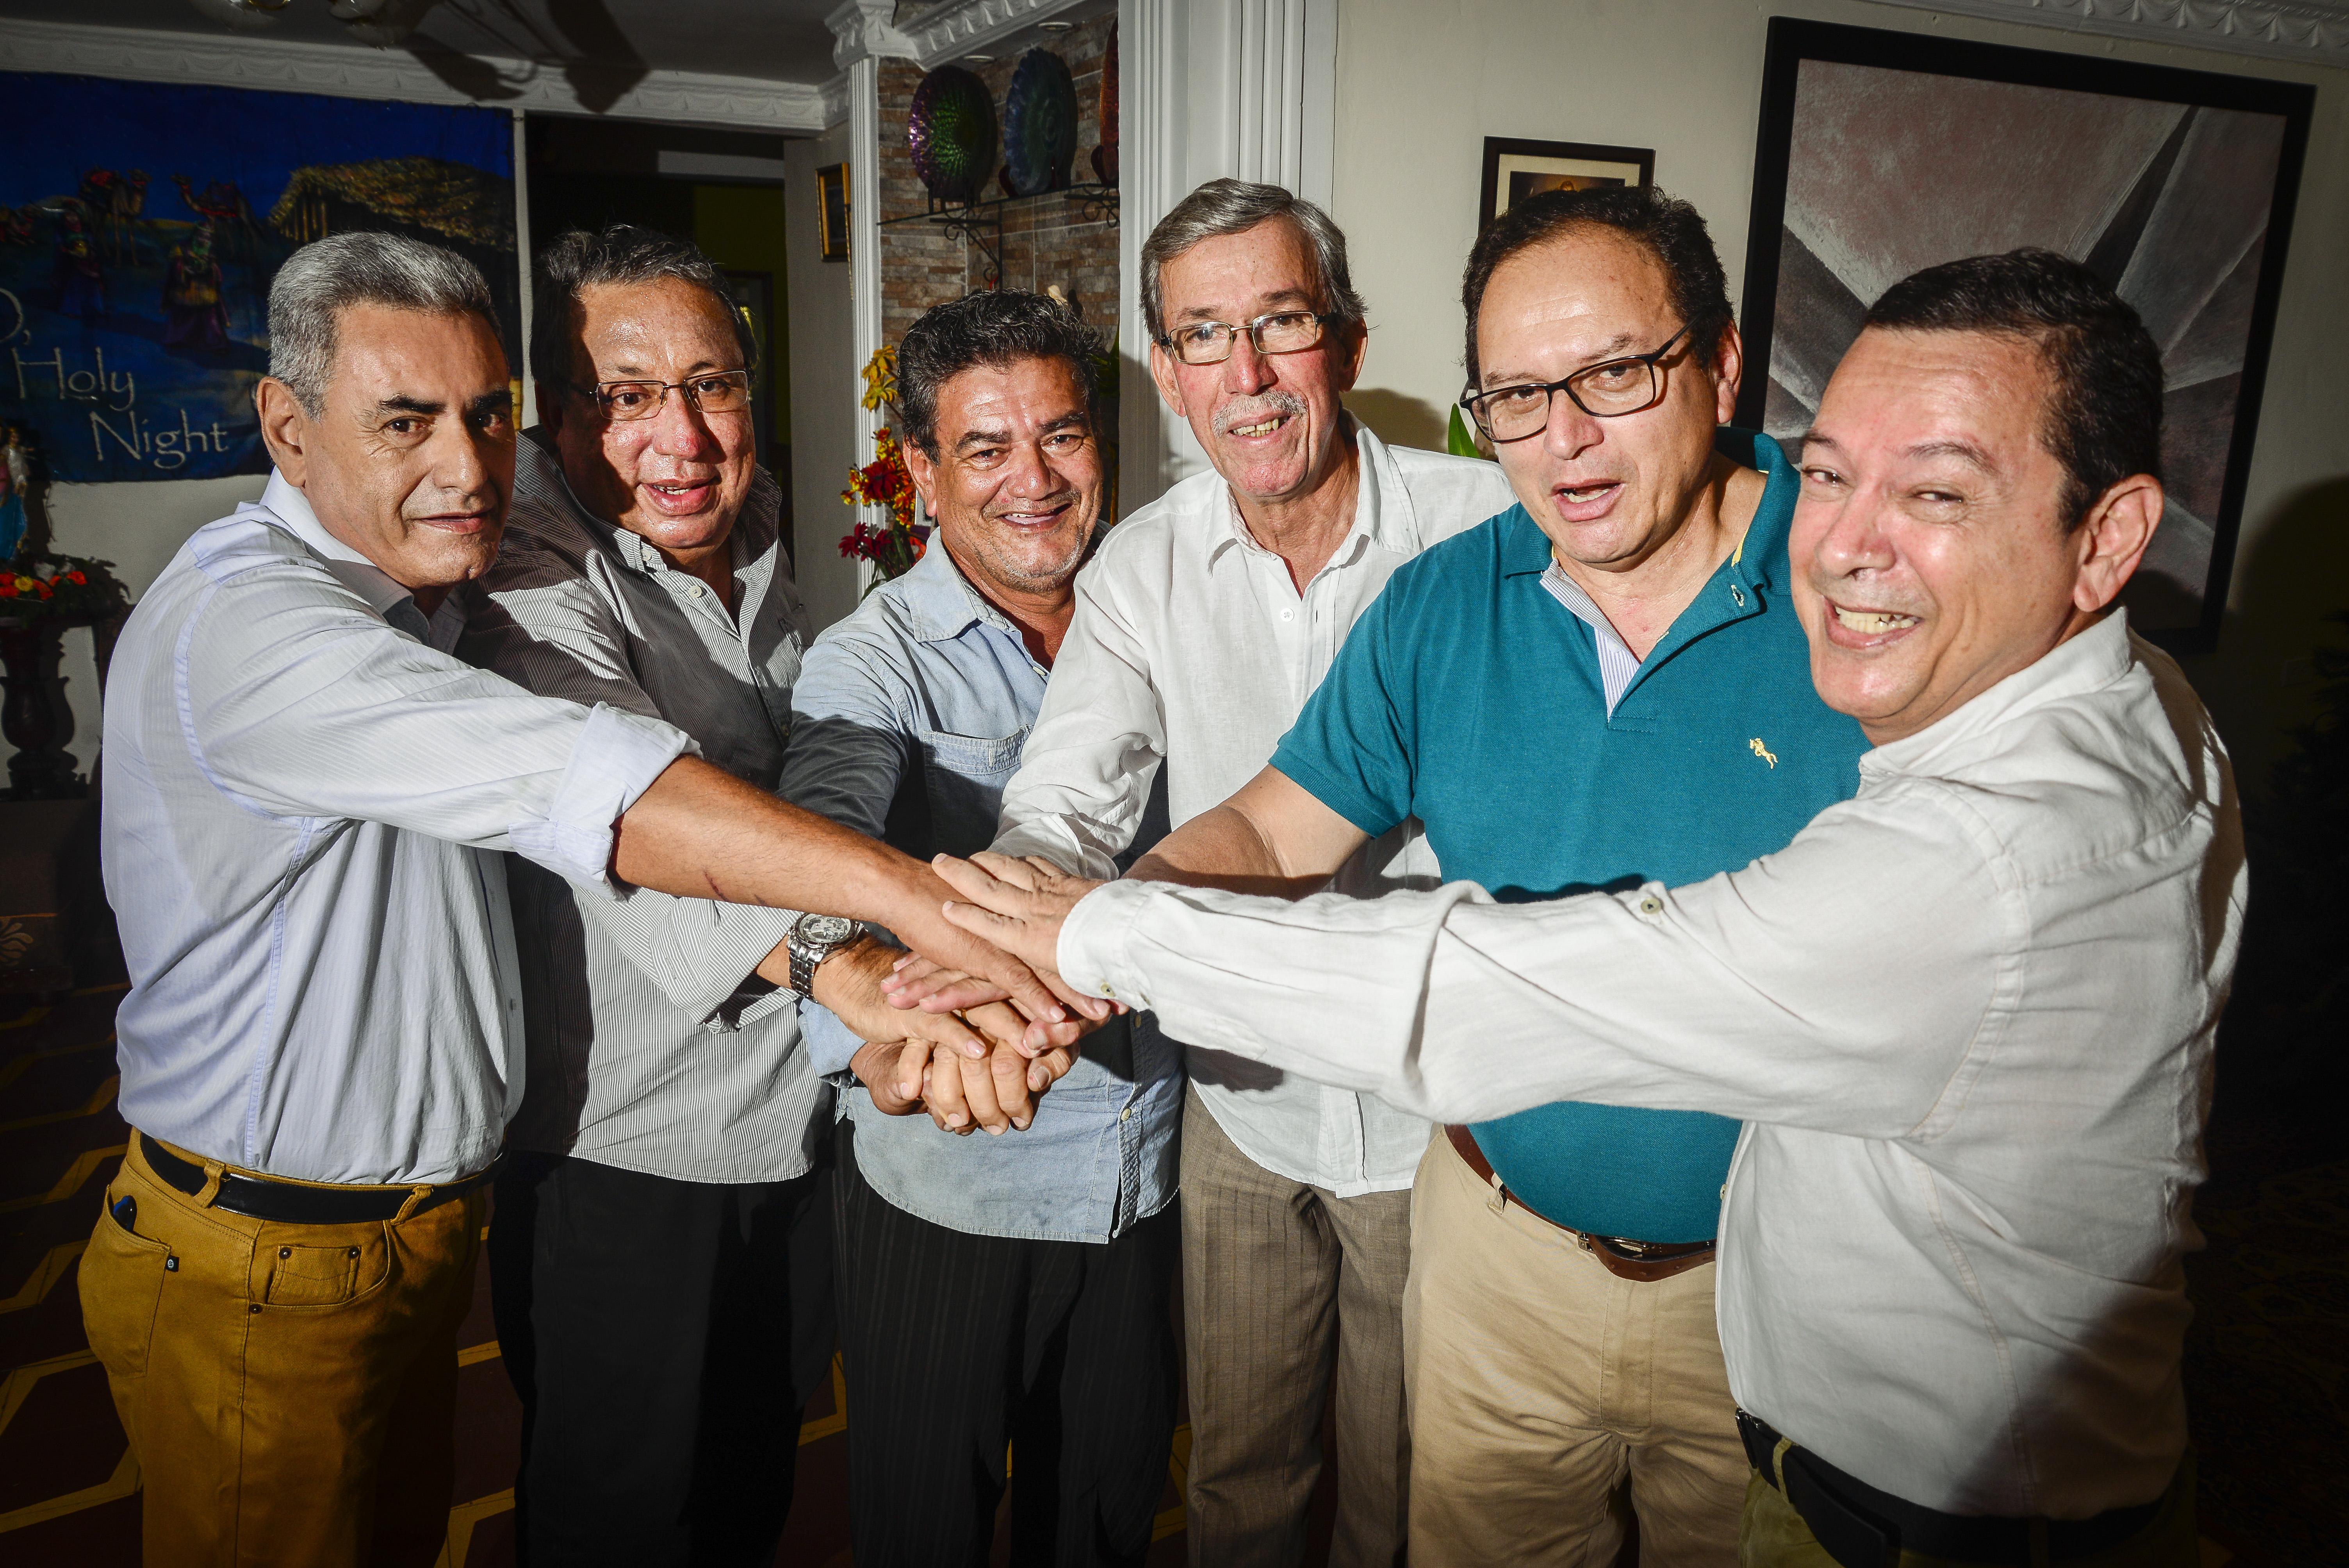 Los seis siempre han estado unidos, pero después del accidente, los lazos se afianzaron aún más.